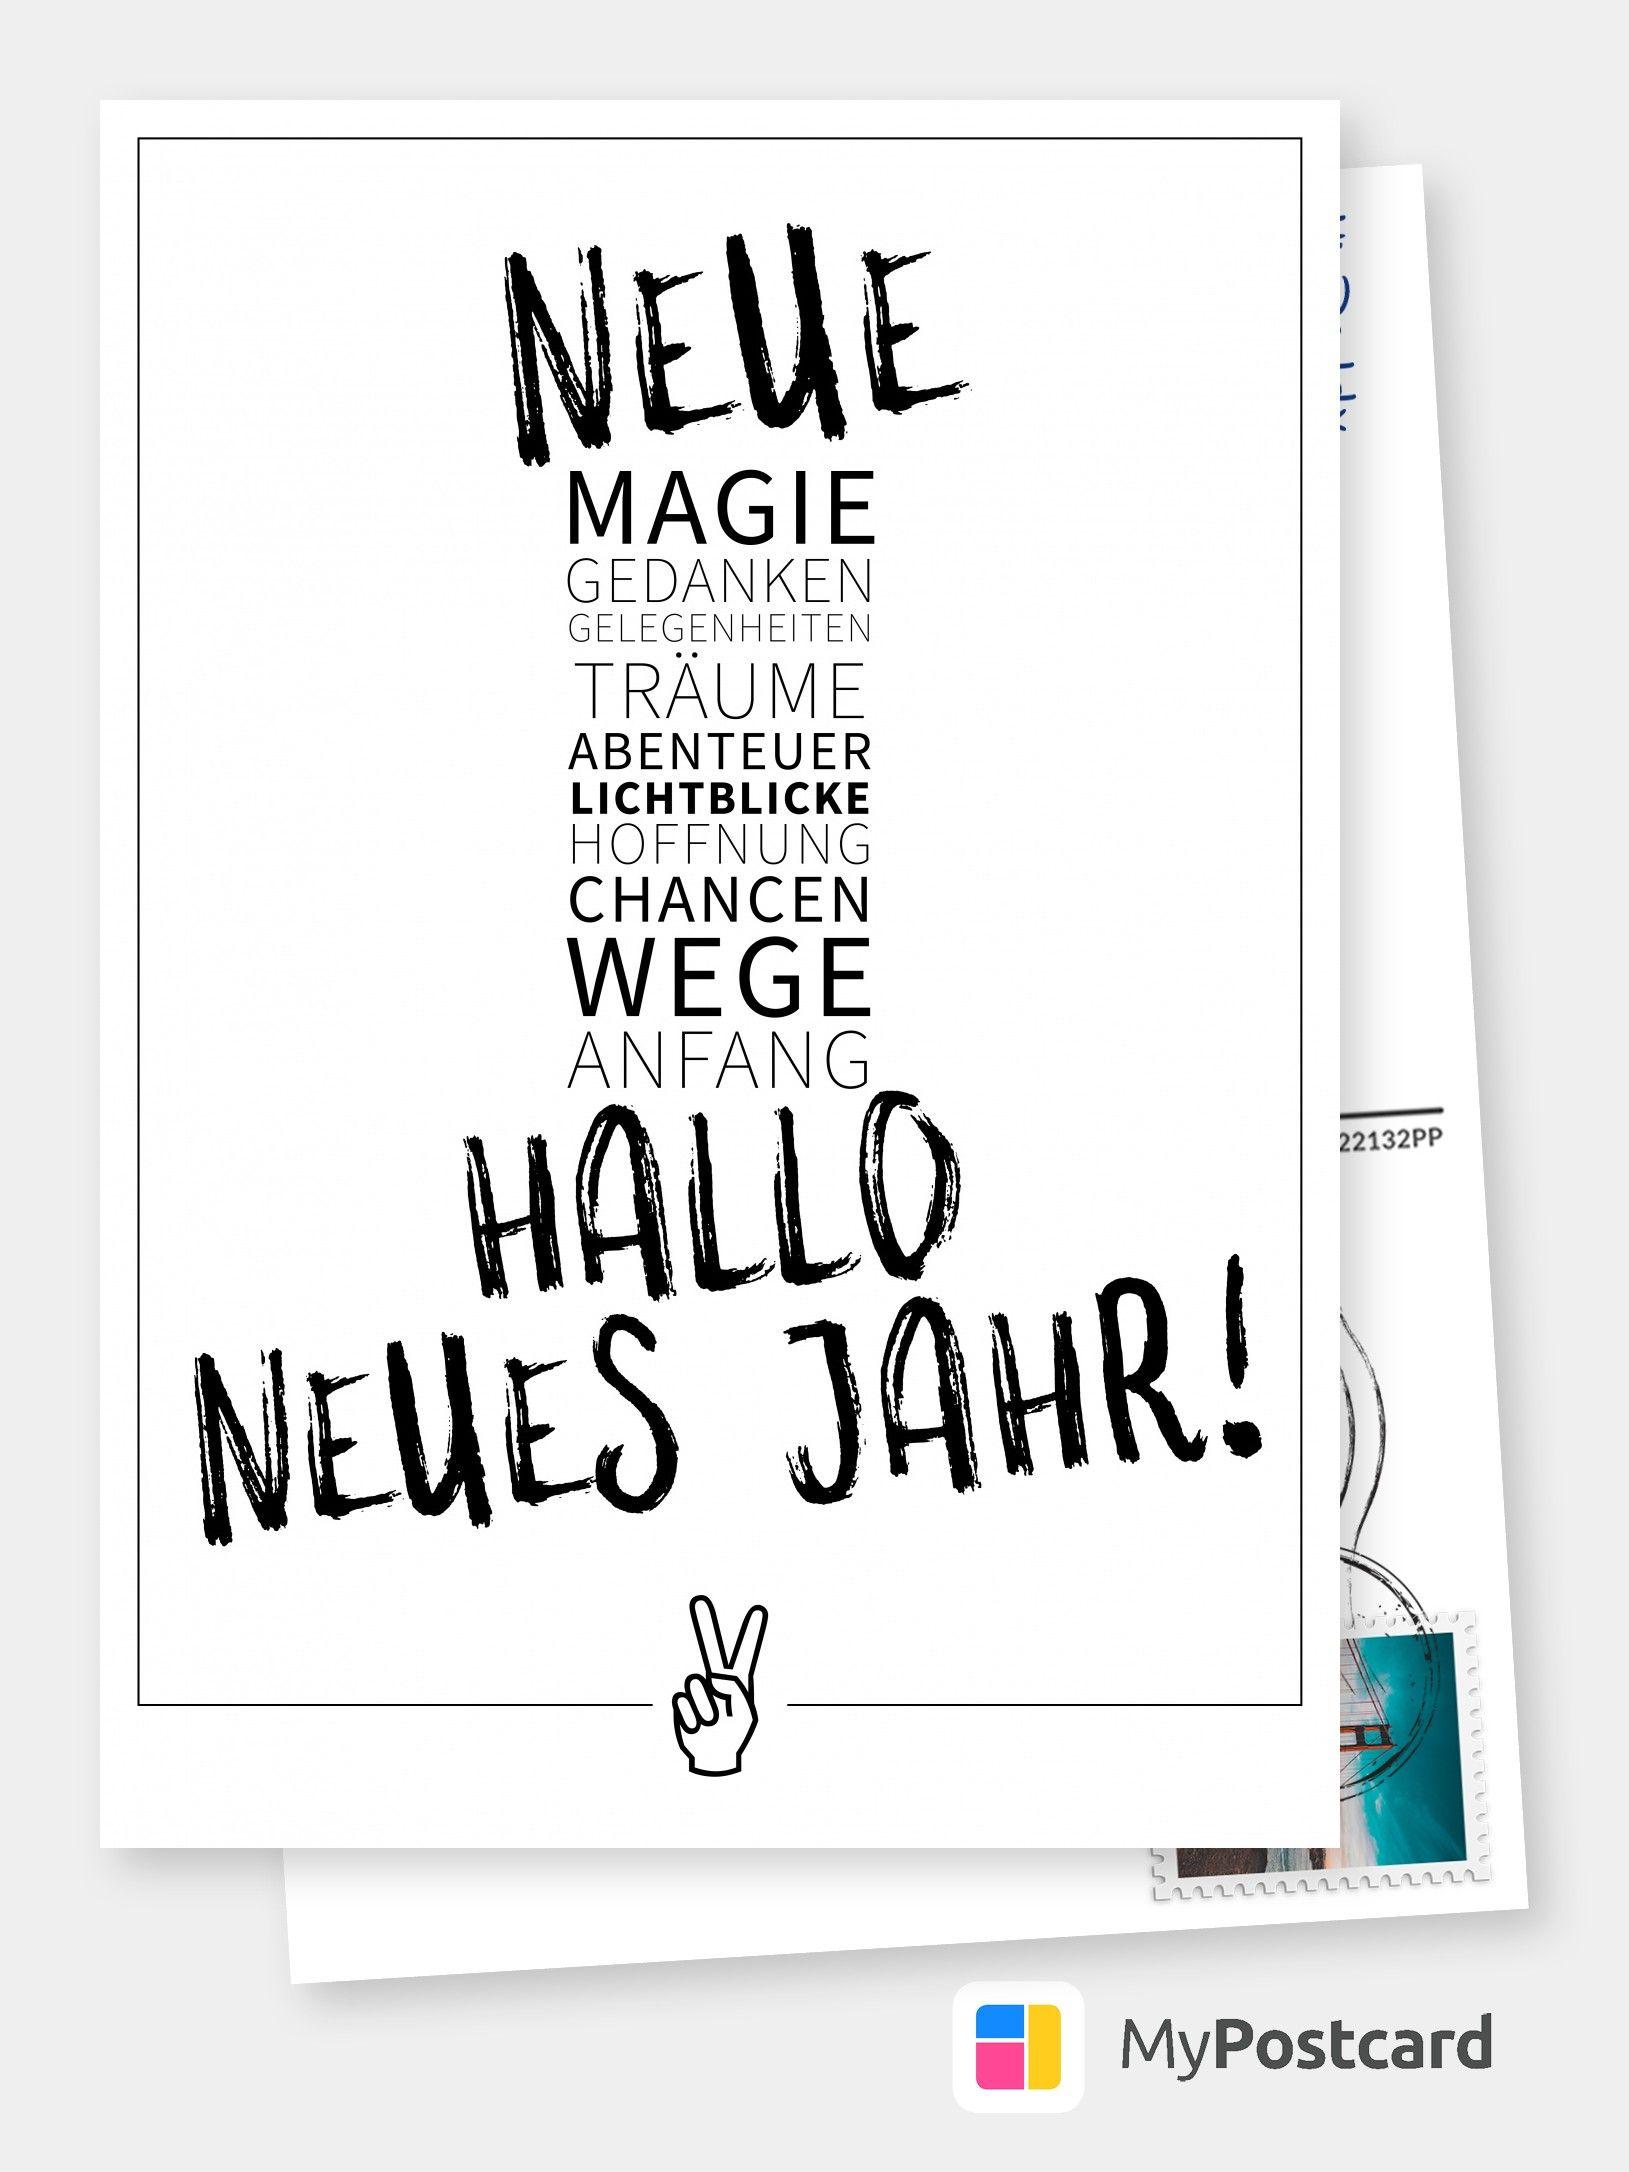 Neujahrswünsche - Neue Magie   Frohes Neues Jahr in Neujahrswünsche Karten